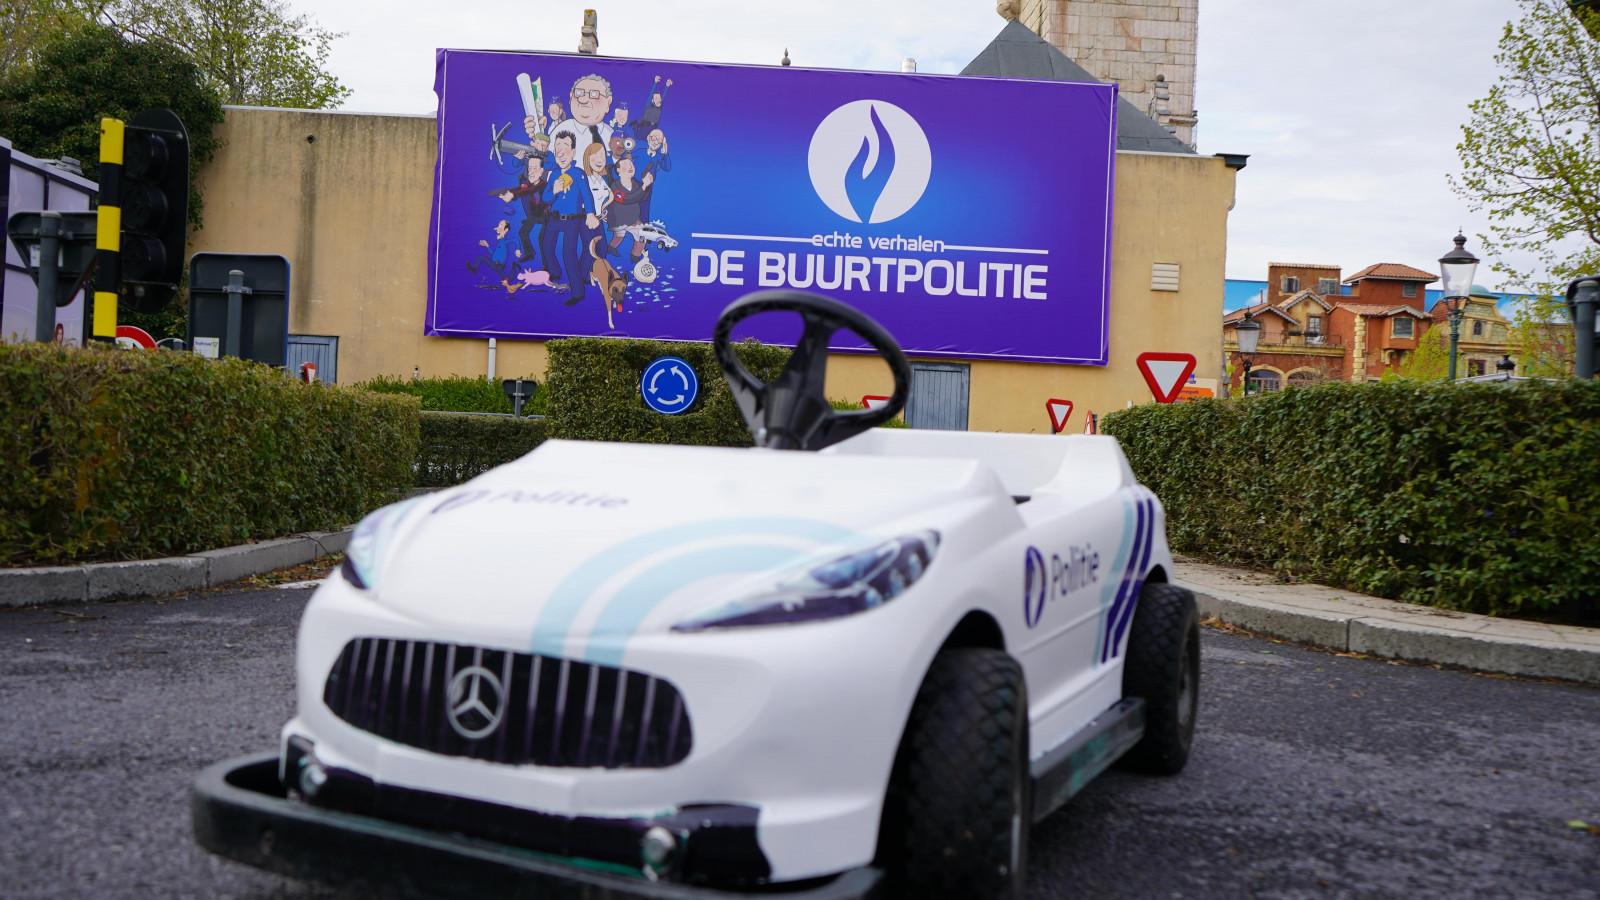 De_Buurtpolitie_Verkeerspark.jpg